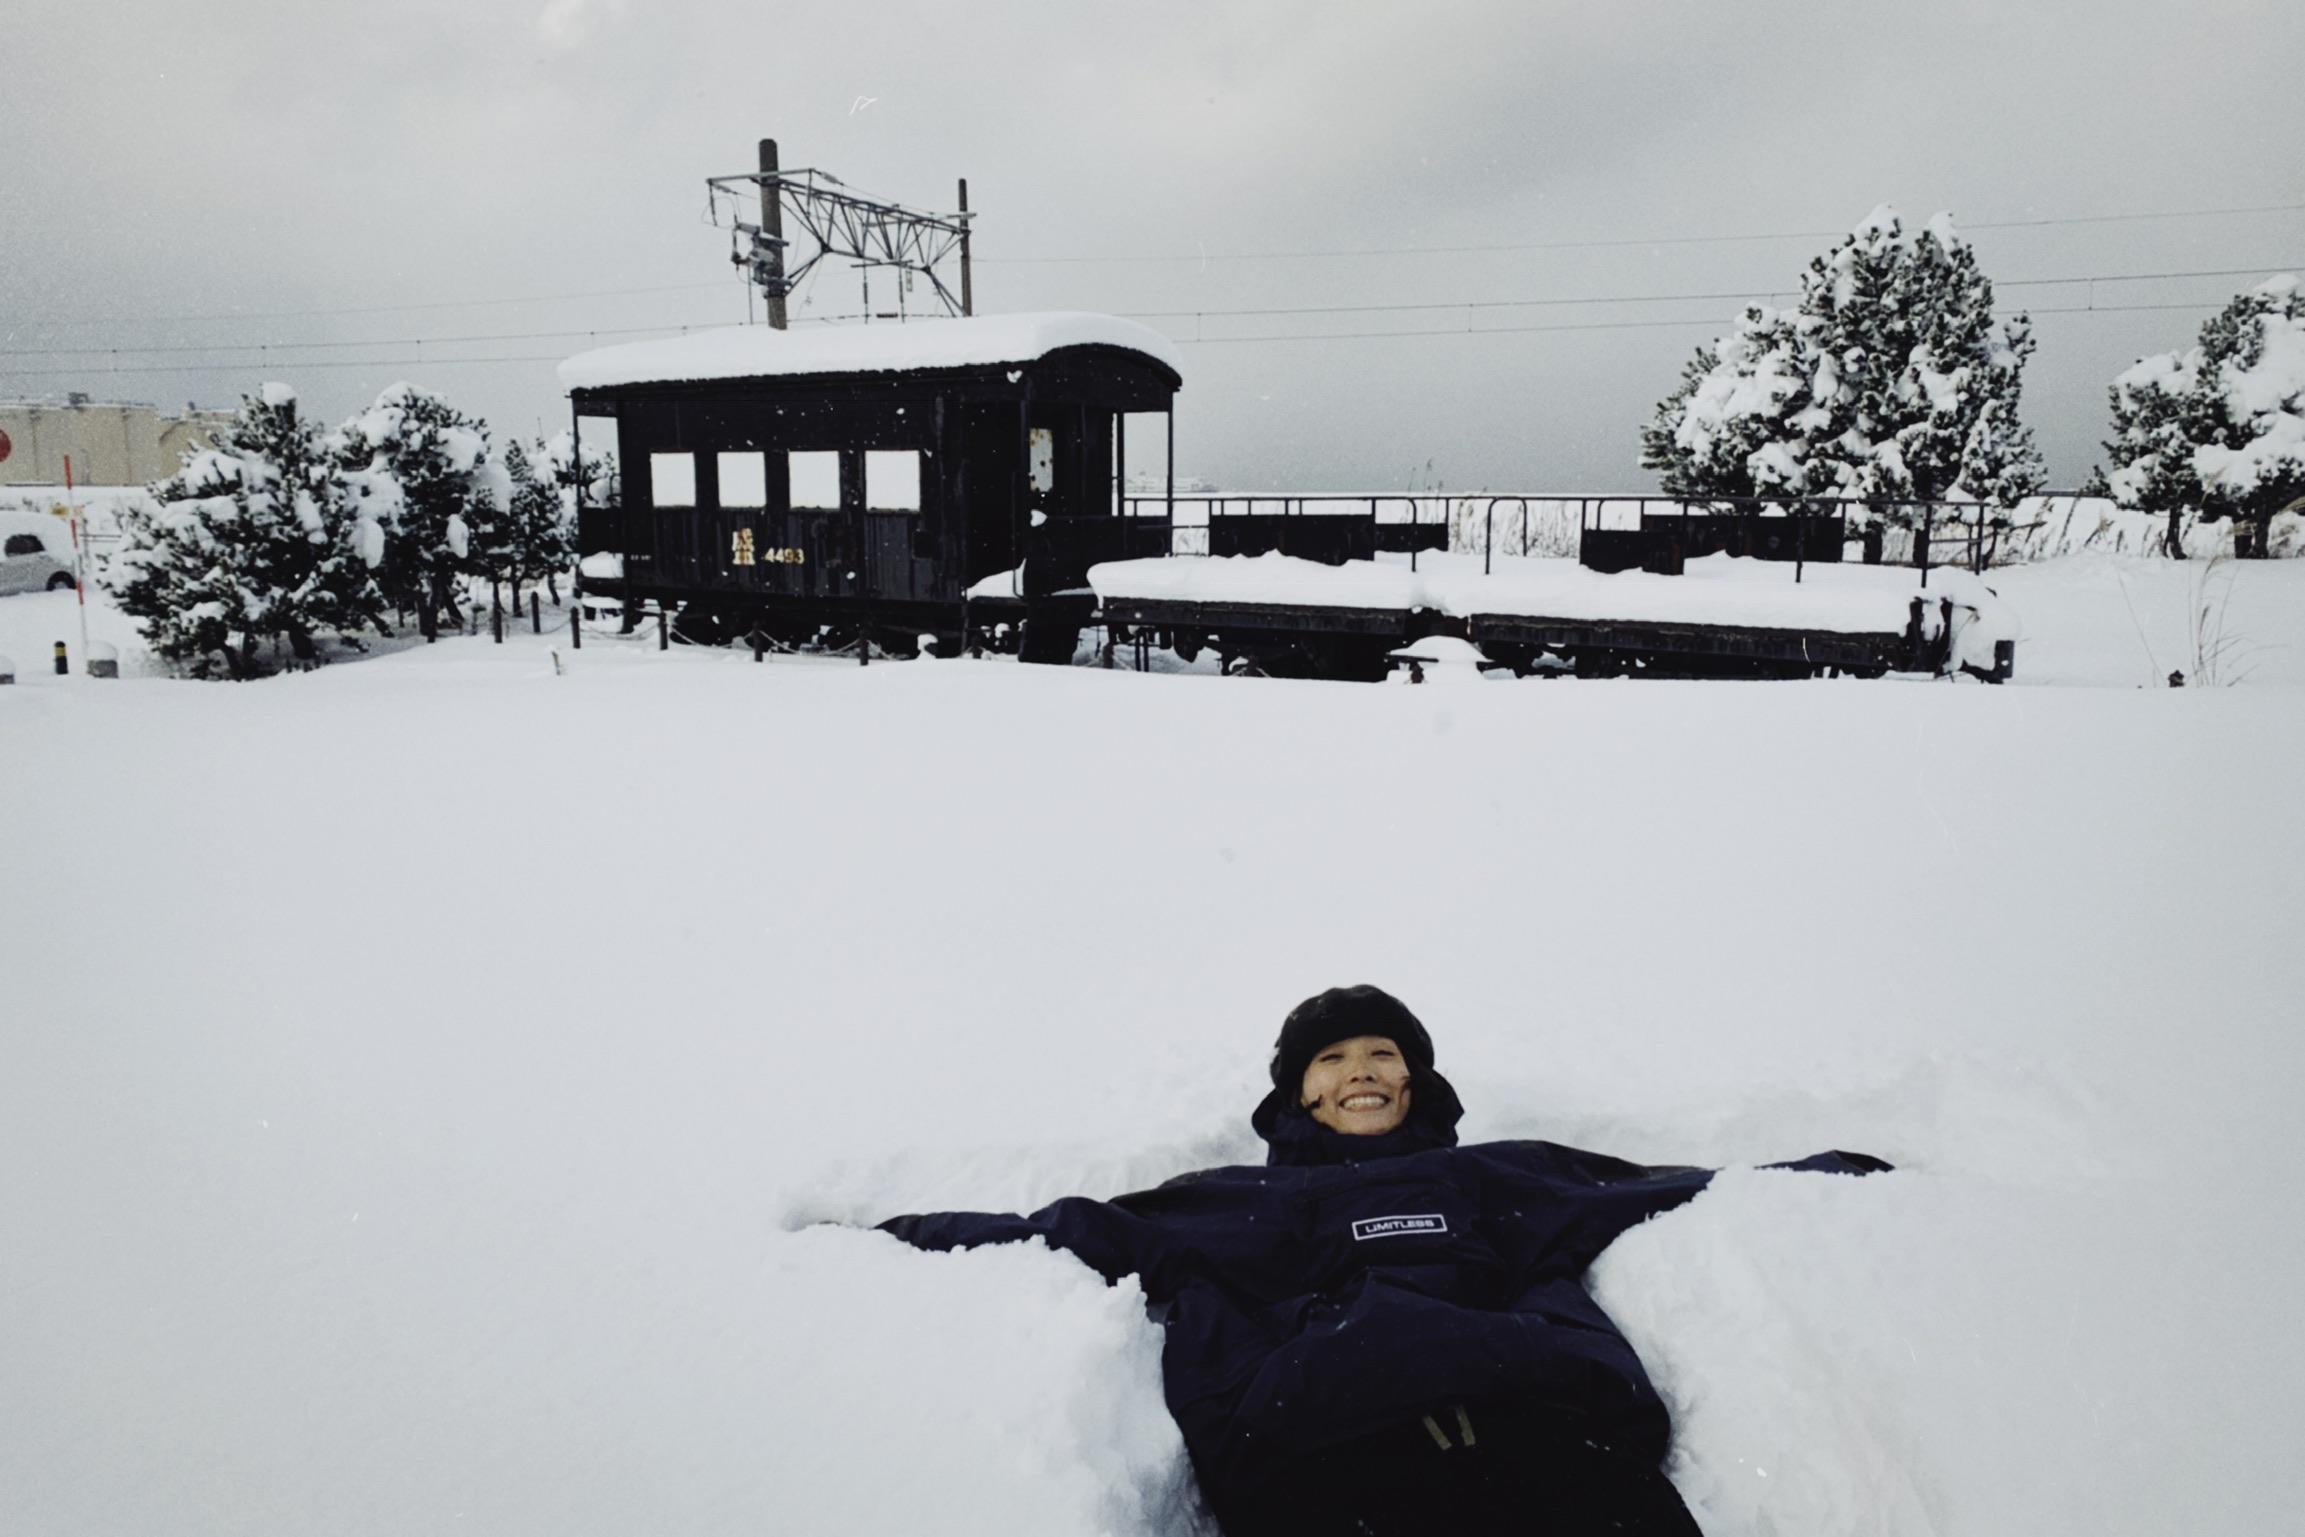 住在奧入瀨溪流附近民宿的阿談,難得見到咁大雪都變成大細路瞓喺雪度玩。